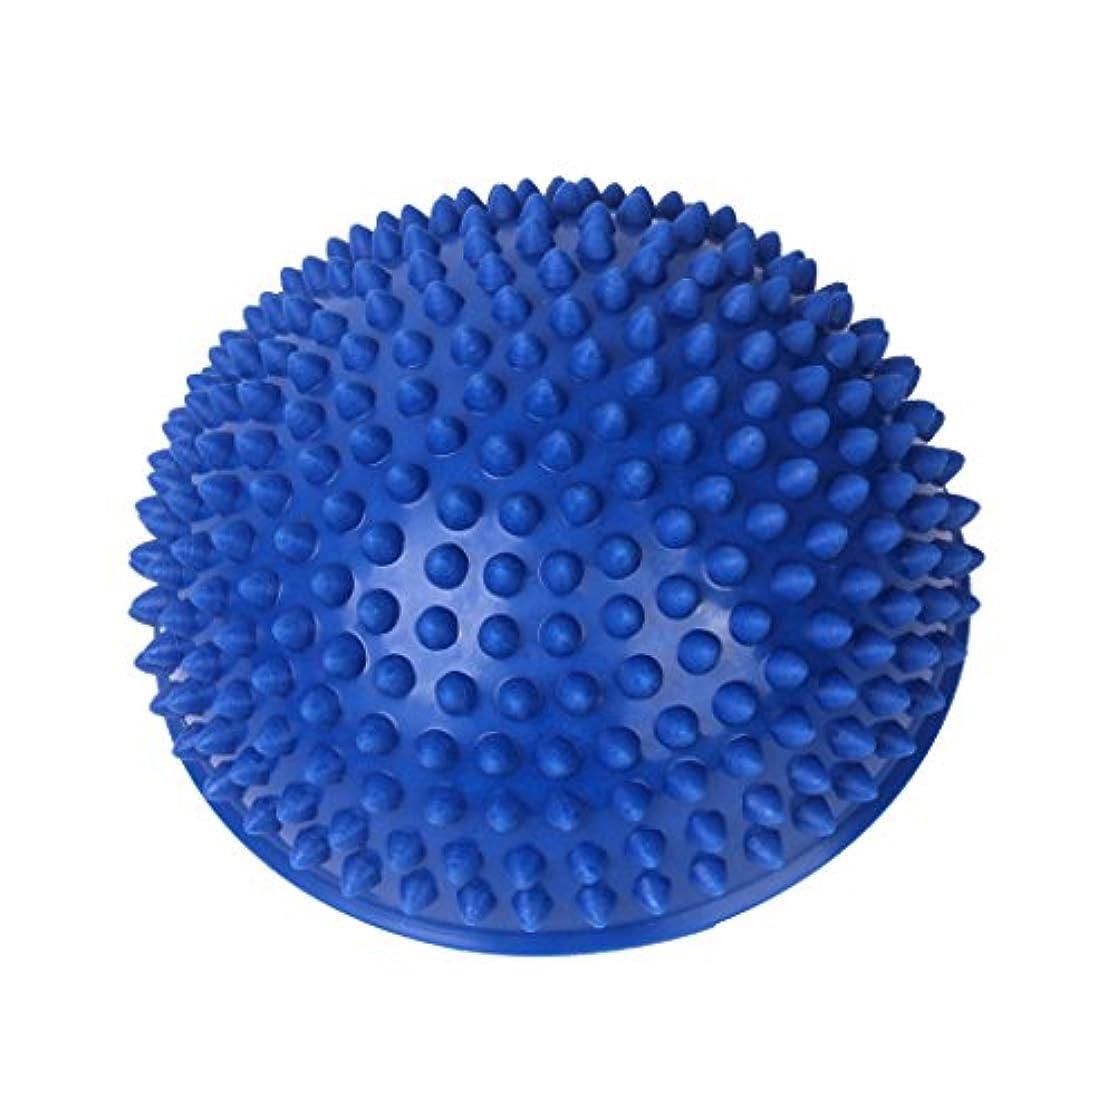 条件付きキウイ使用法Footful マッサージボール 半球 健康グッズ 健康器具 血液循環促進 緊張緩和 ブルー